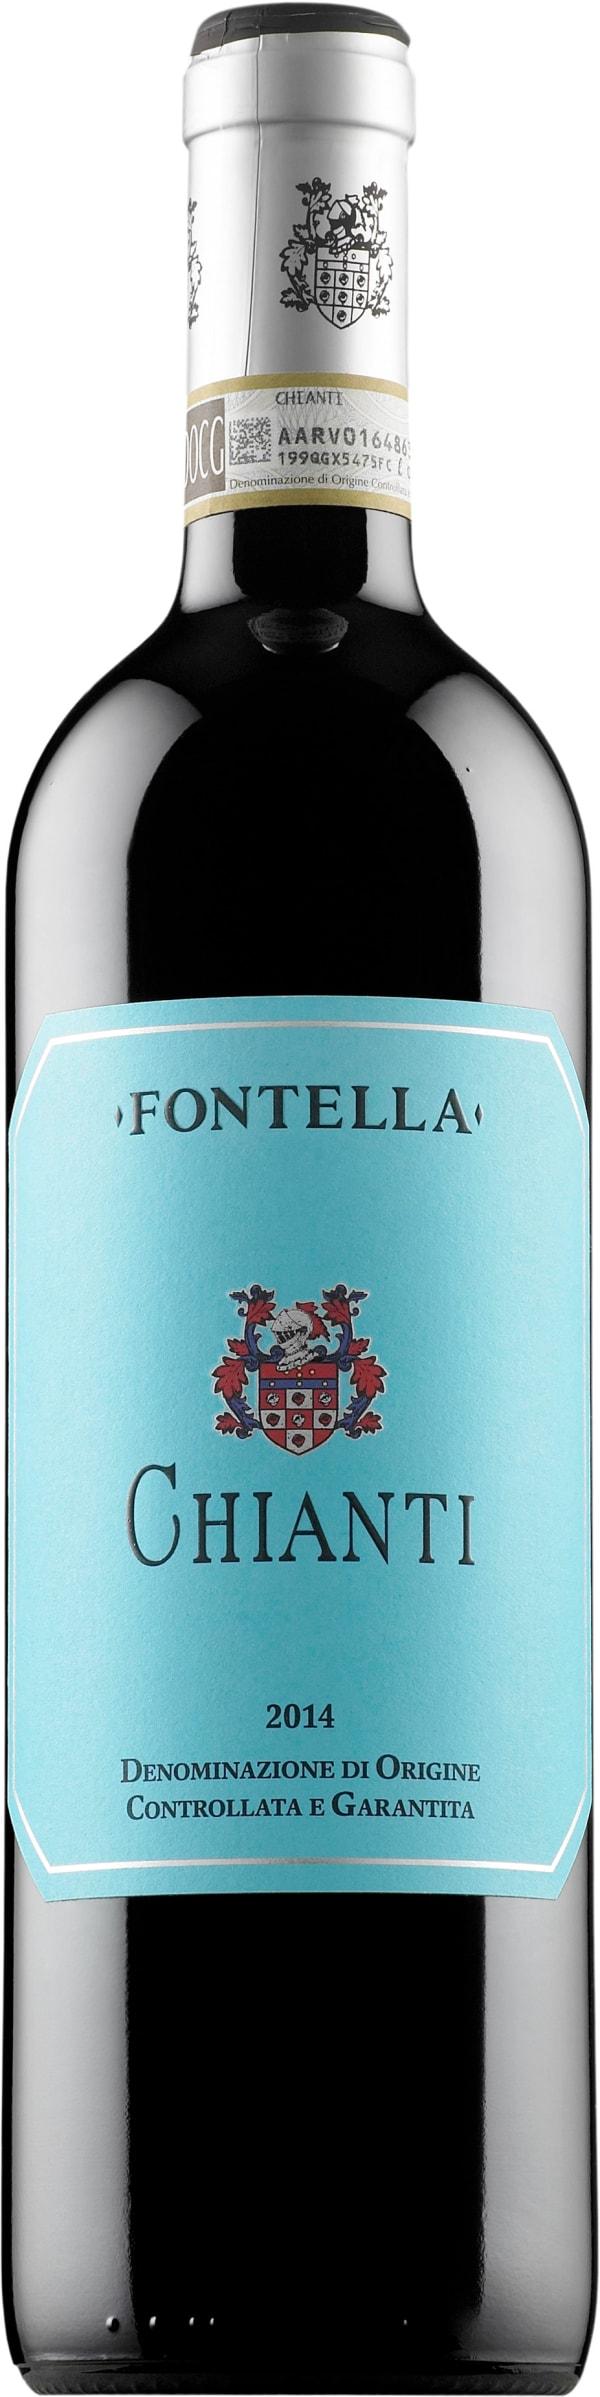 Fontella Chianti 2016